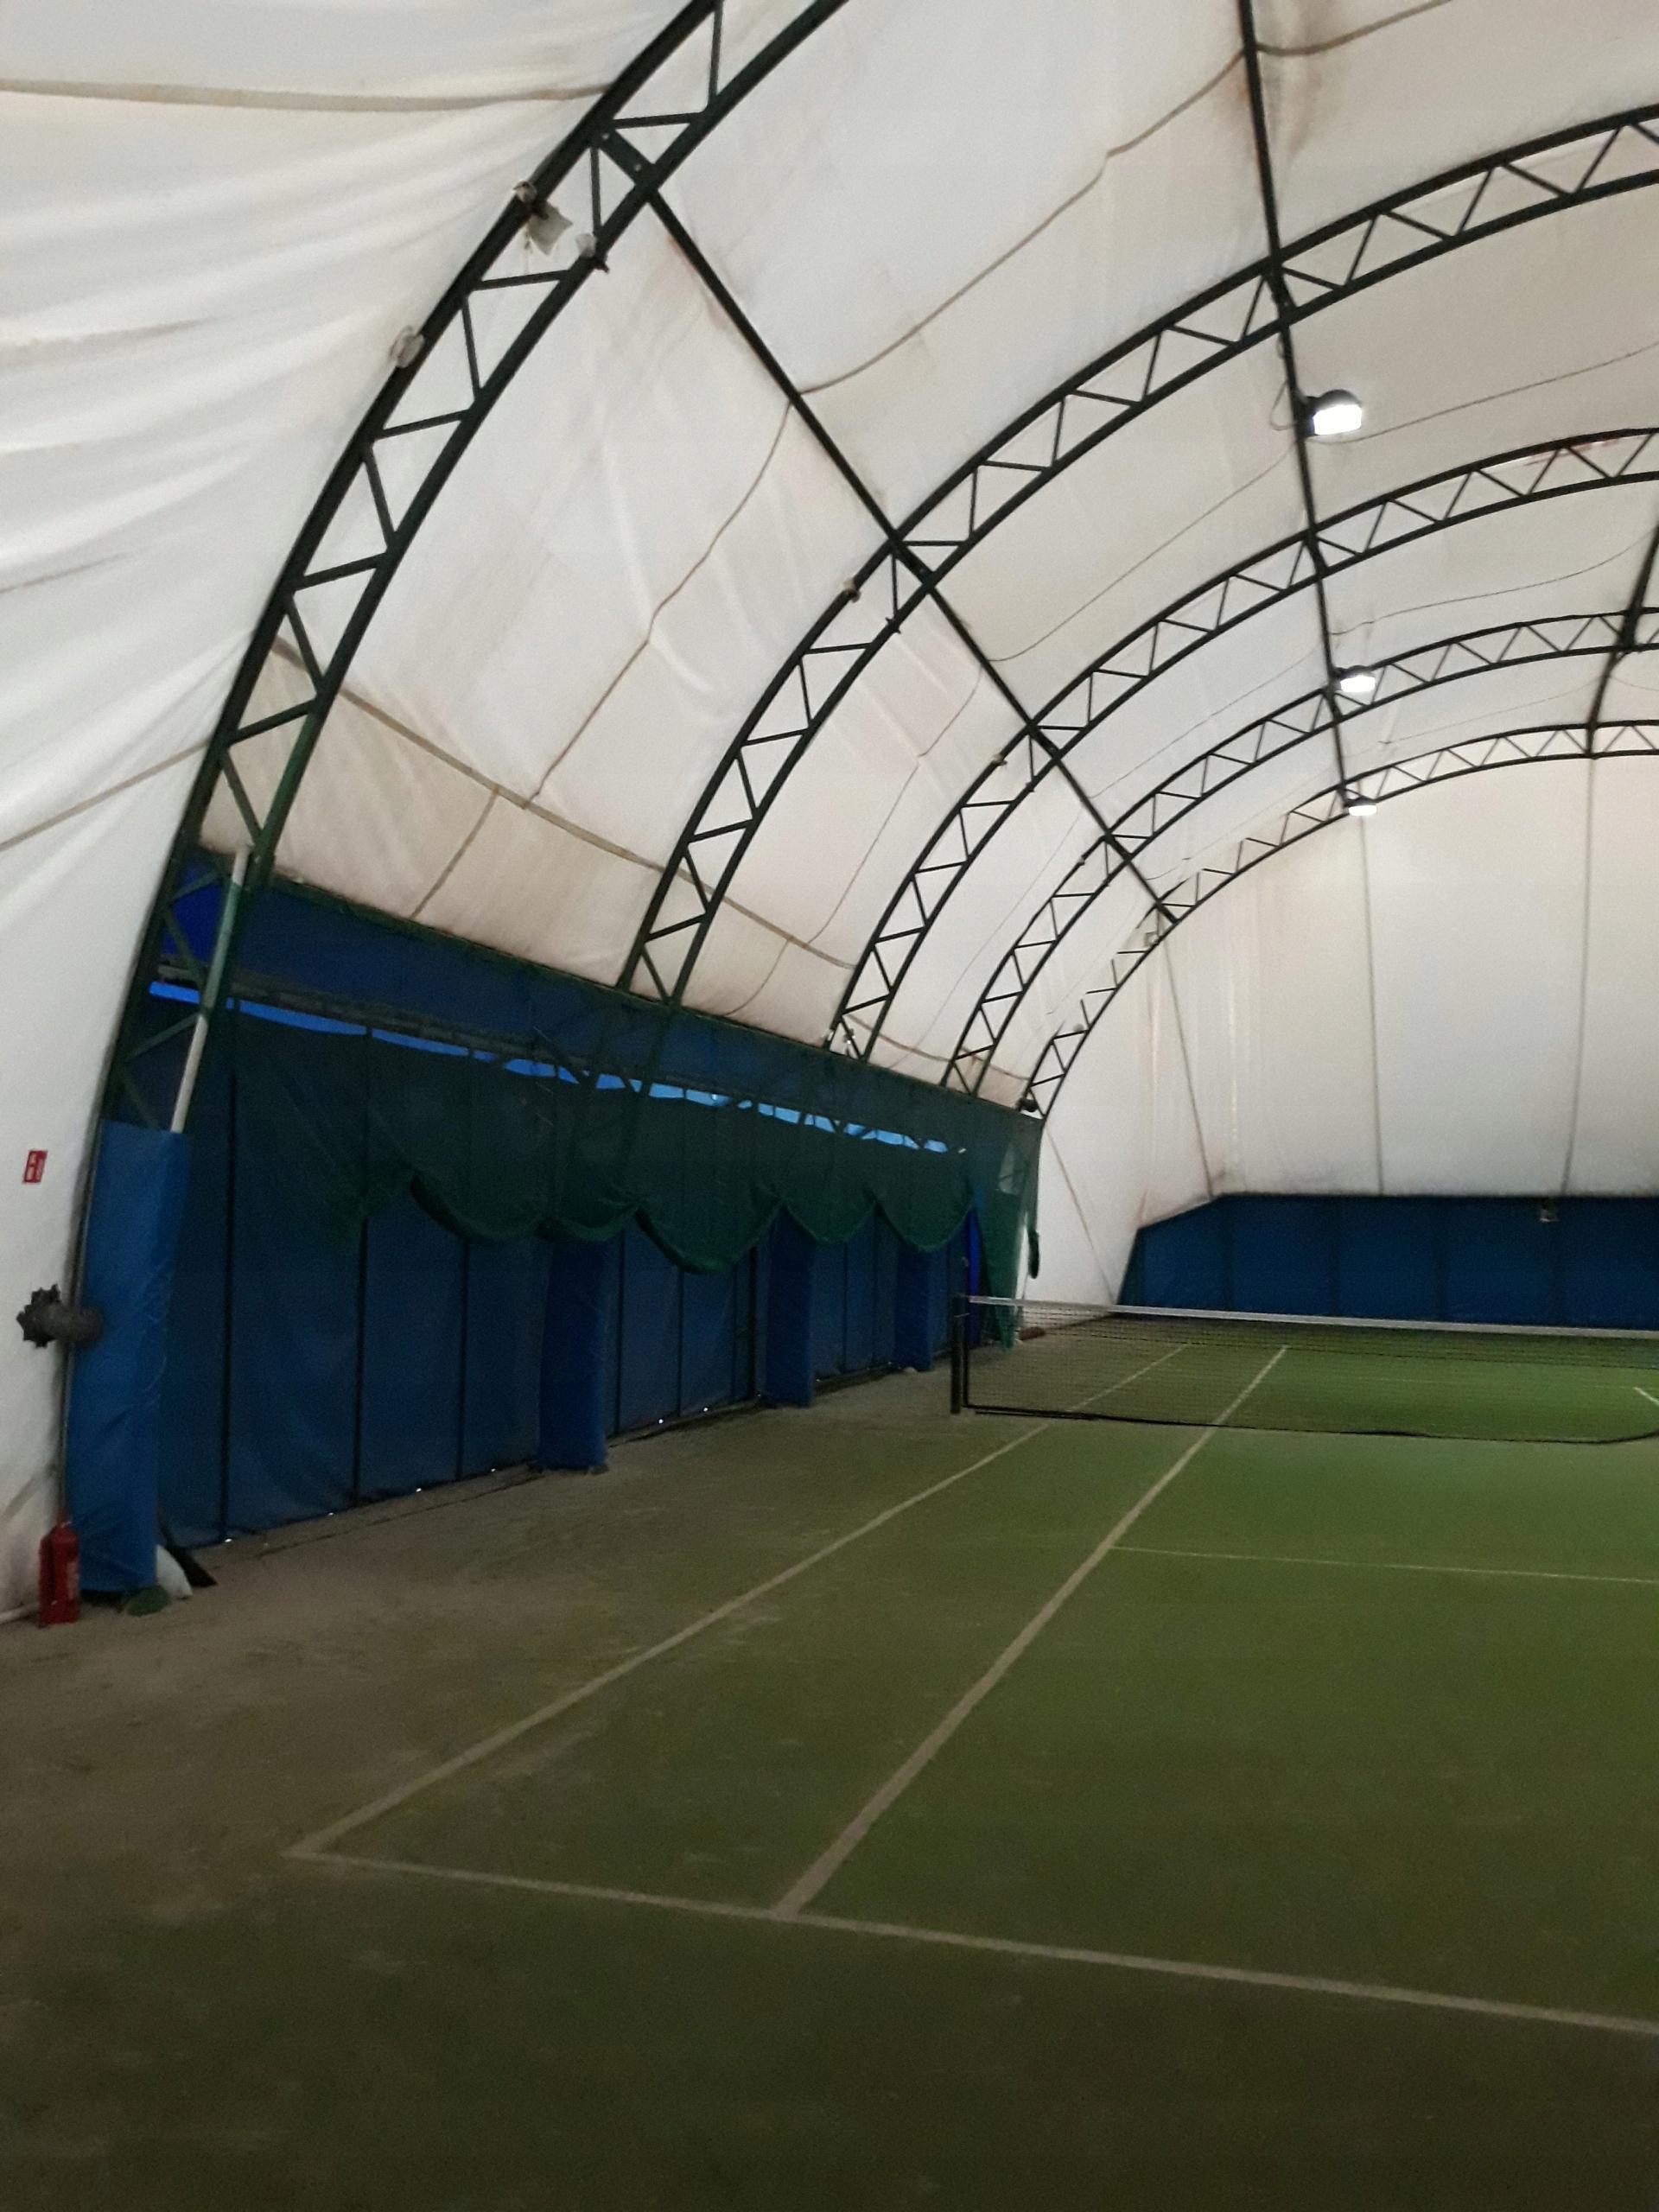 Niesamowite Sprzedam hale tenisowa - OKAZJA - 7592139783 - oficjalne archiwum RX85